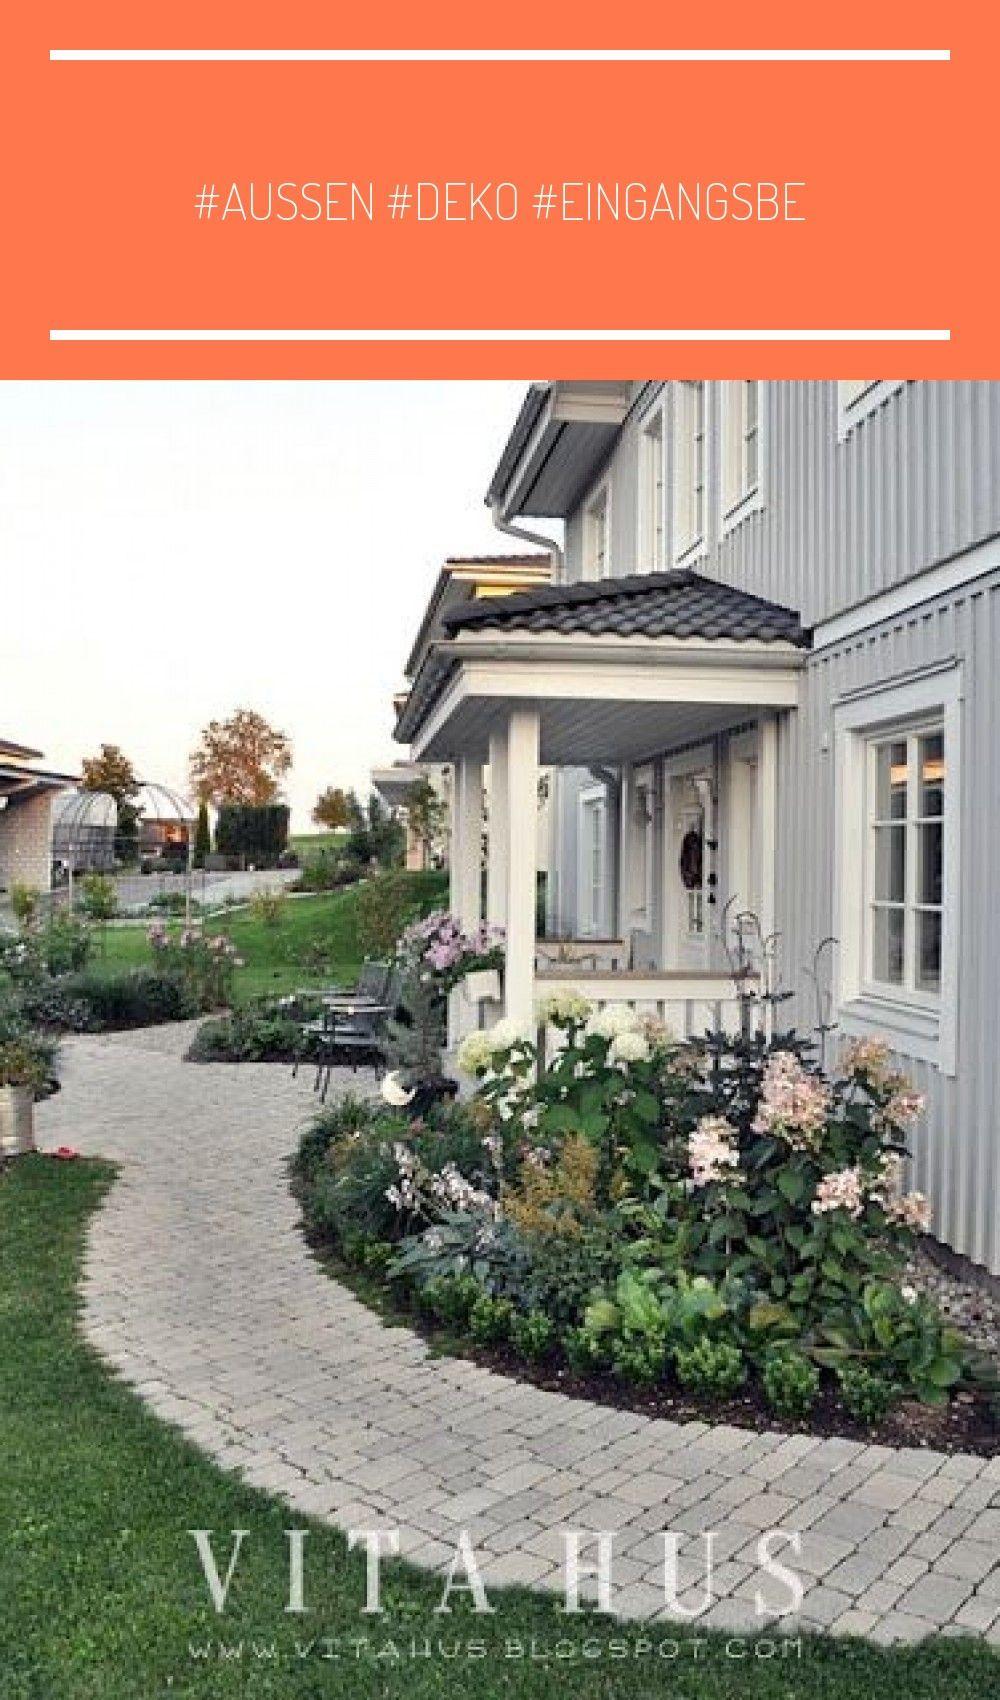 Aussen Deko Eingangsbe In 2020 Outdoor Decor Outdoor House